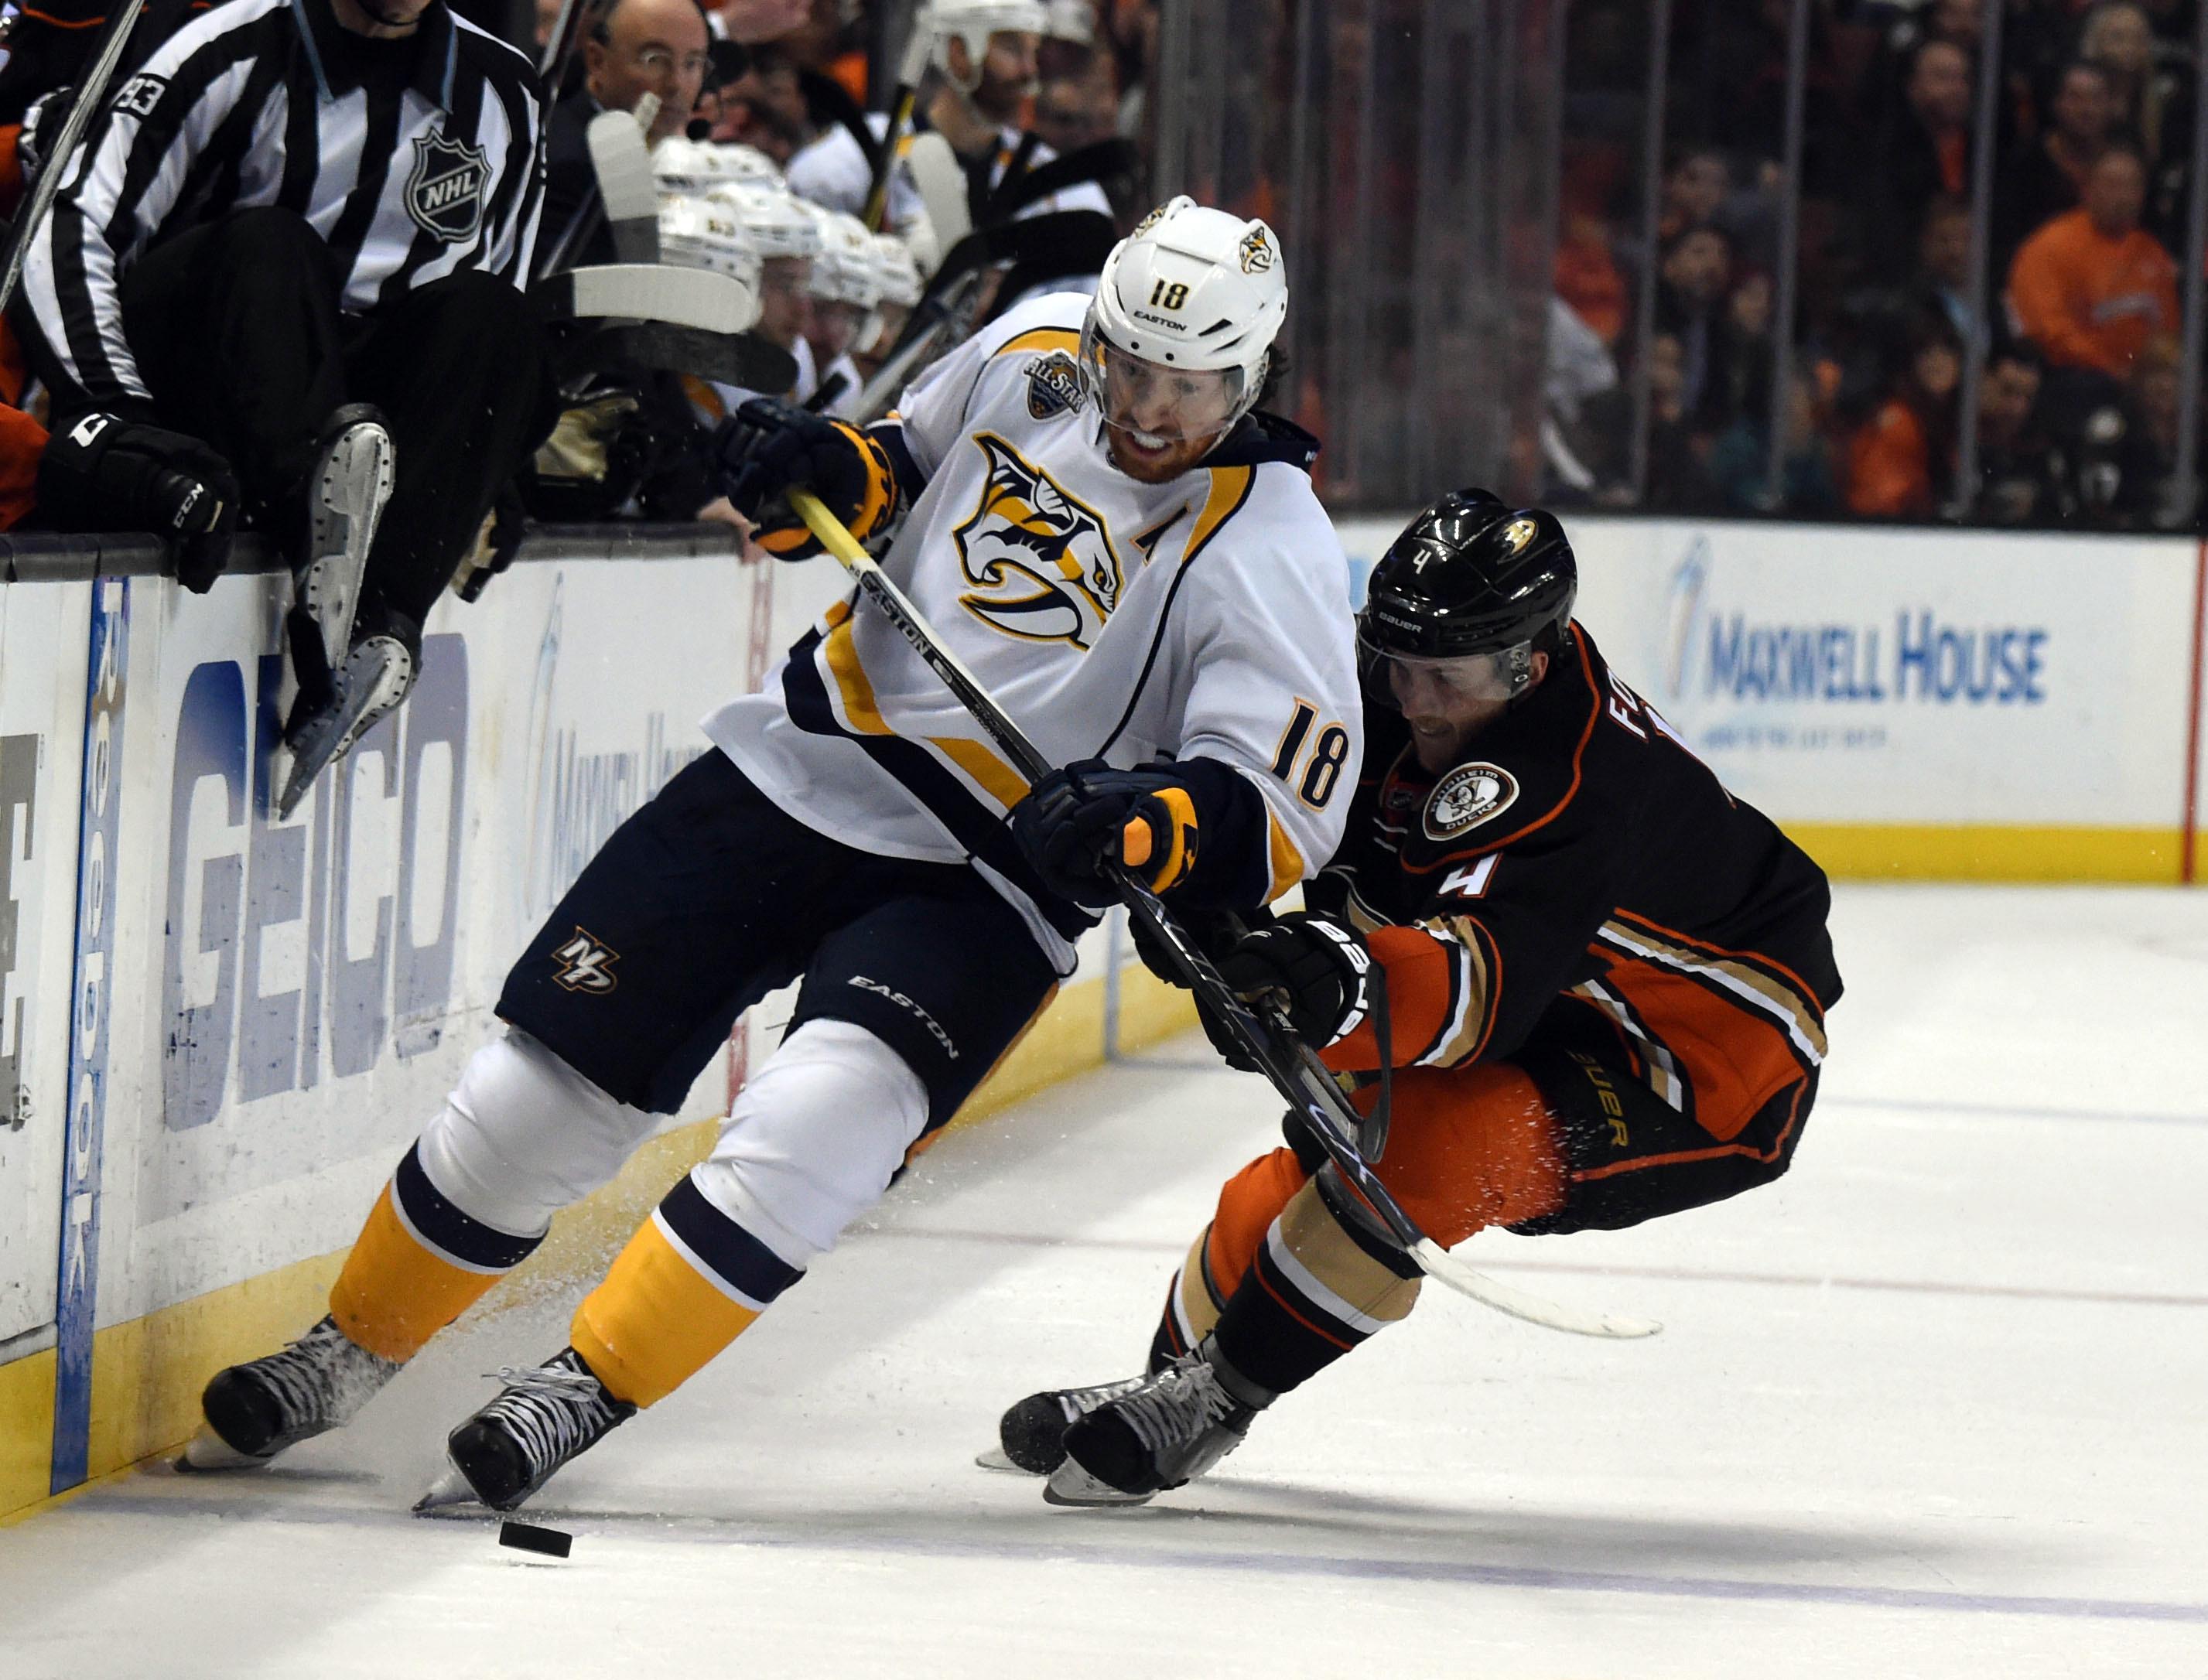 NHL: Stanley Cup Playoffs-Nashville Predators at Anaheim Ducks